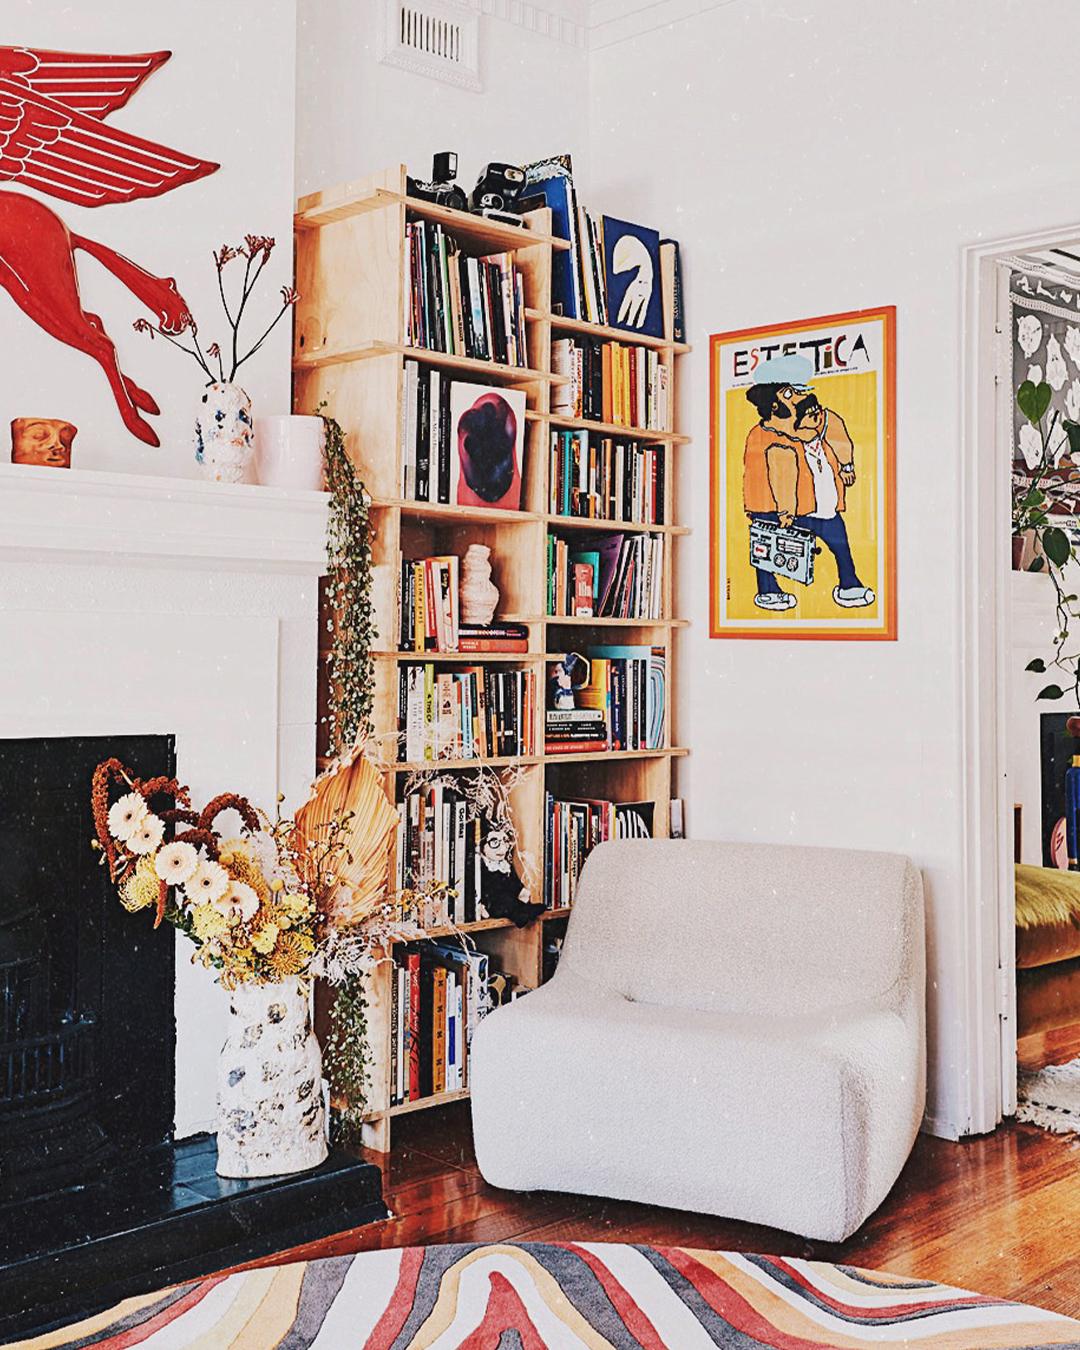 Dåligt samvete över To Be Read-högen? Skapa ett antibibliotek!